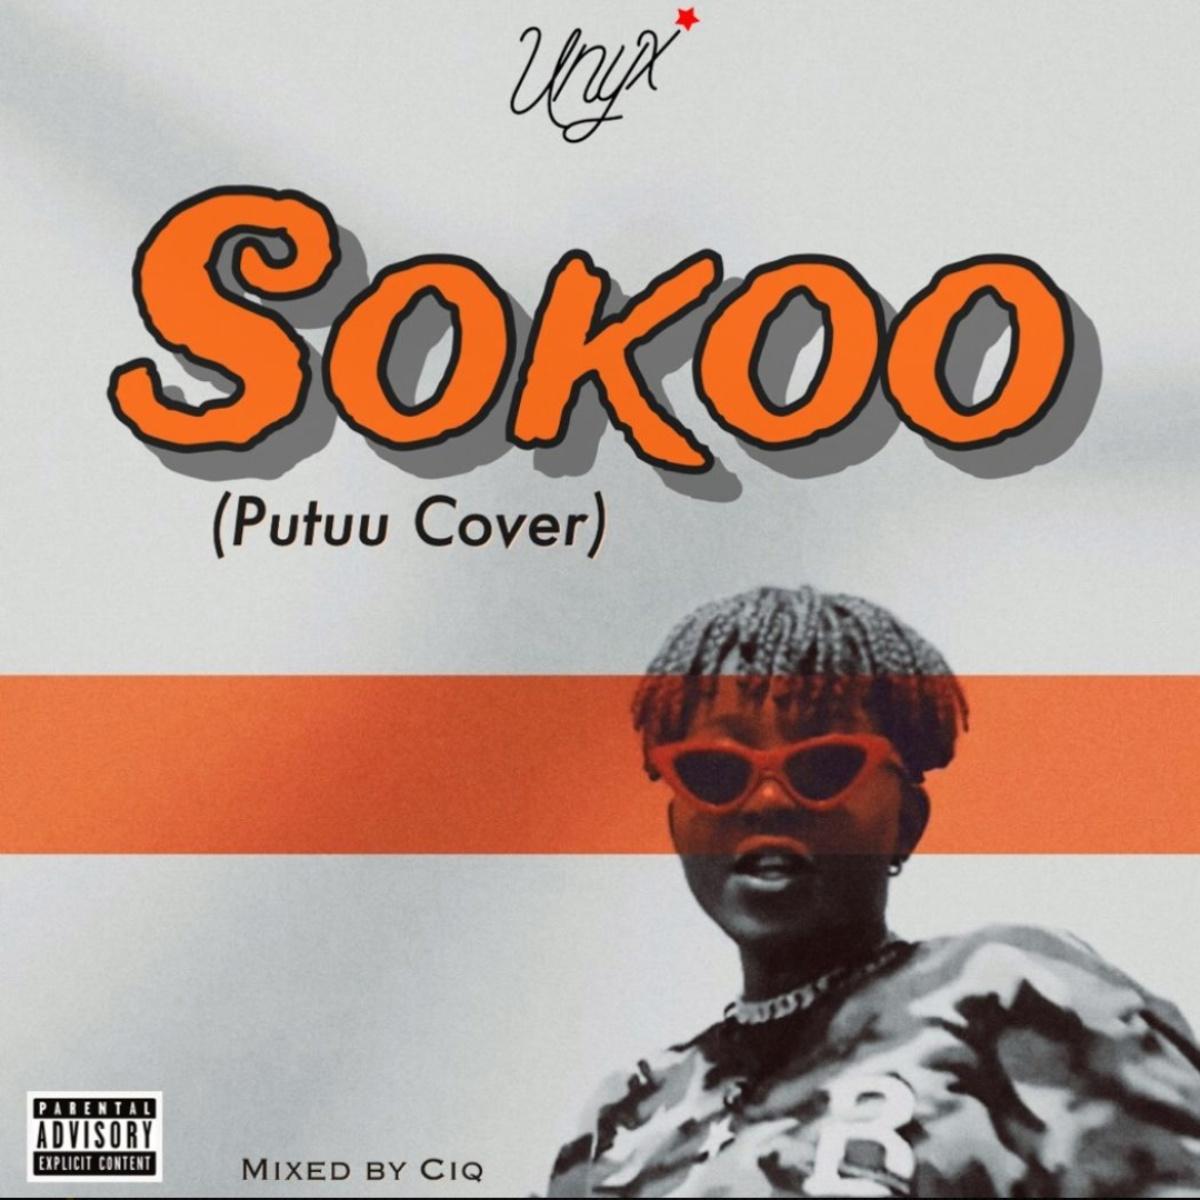 Sokoo (Putuu Cover) by Unyx